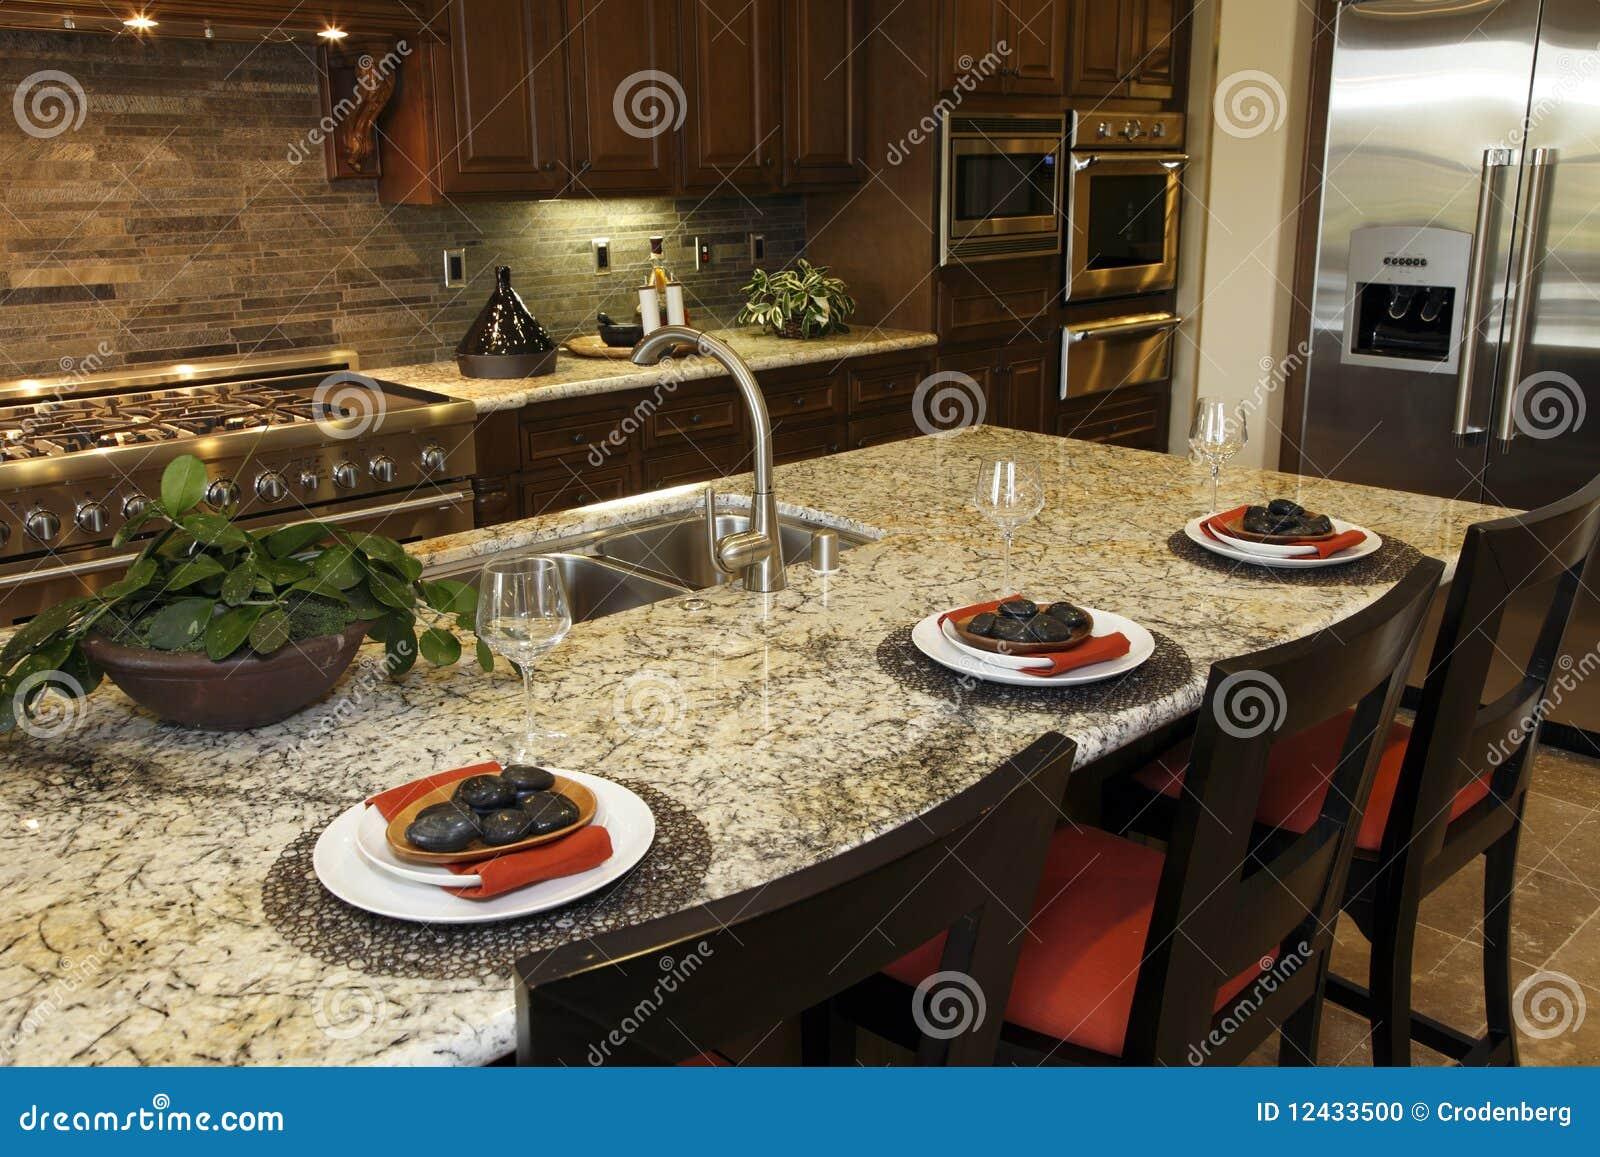 Cuisine luxueuse photo stock image 12433500 - Cuisine avec presqu ile ...